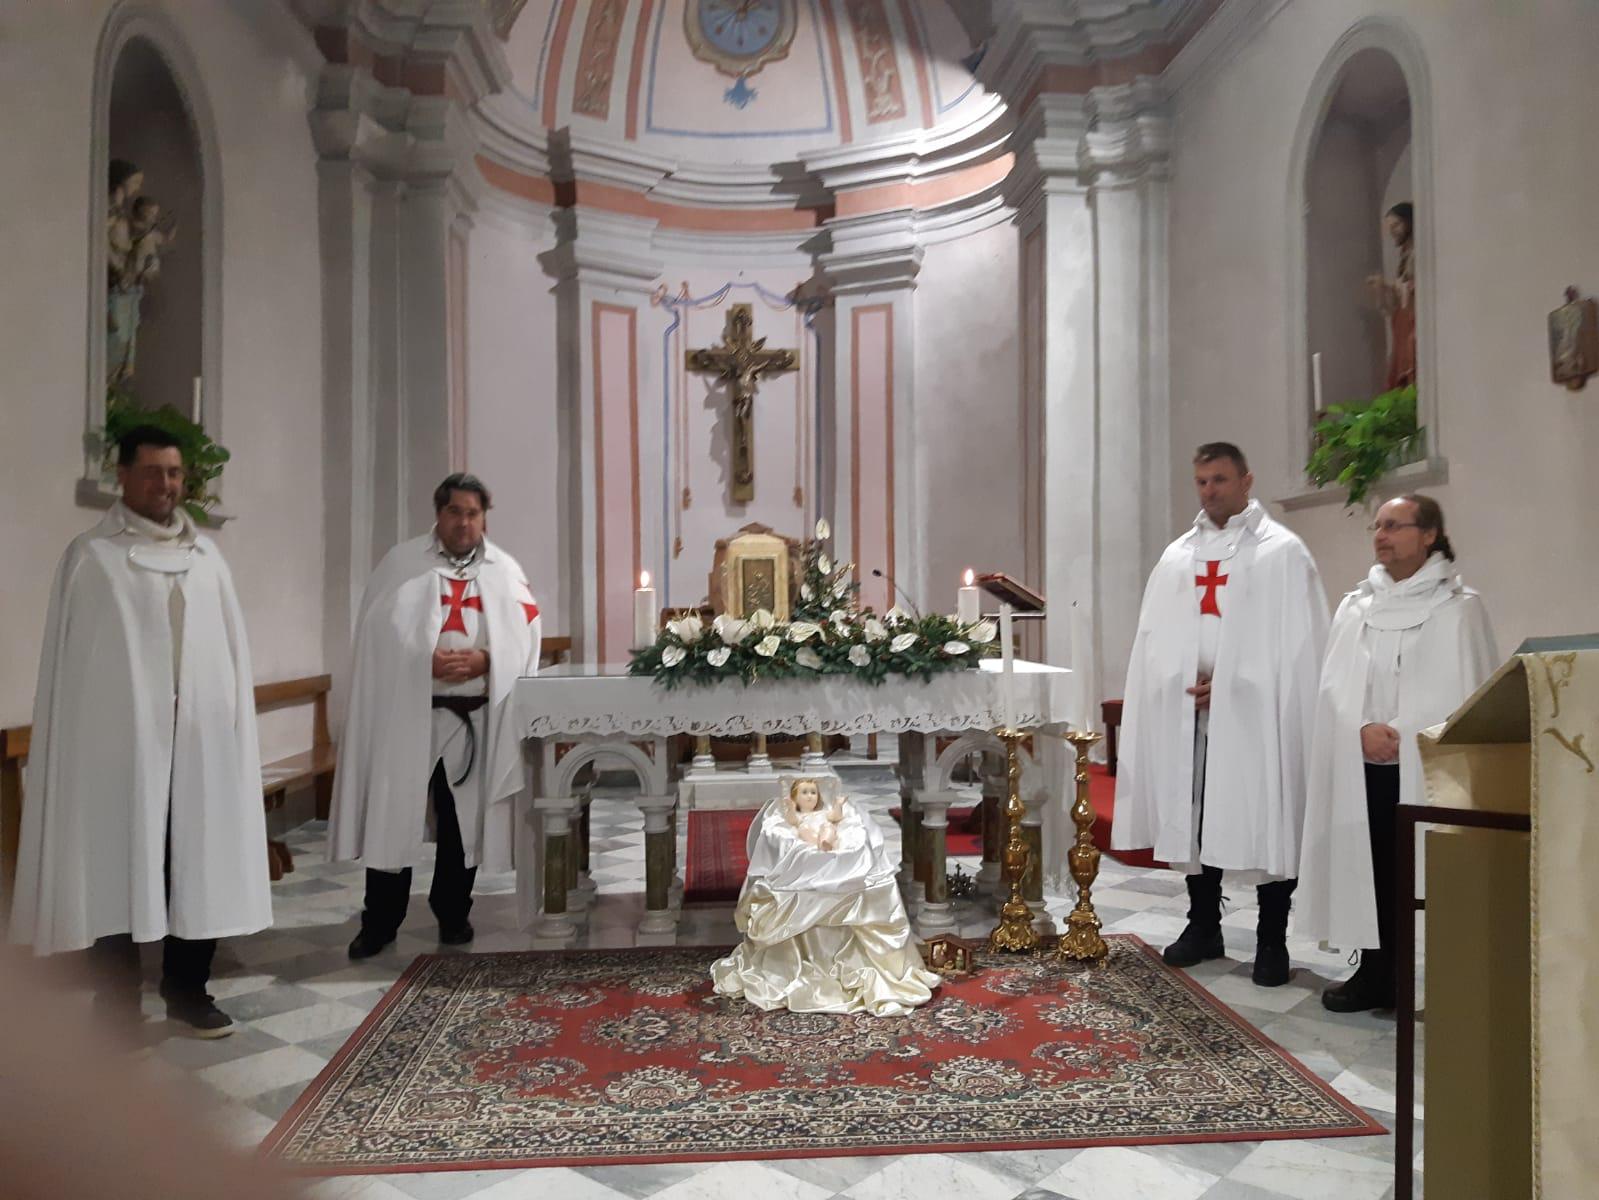 Adorazione eucaristica nella chiesa di San Giovanni Battista a Terrarossa